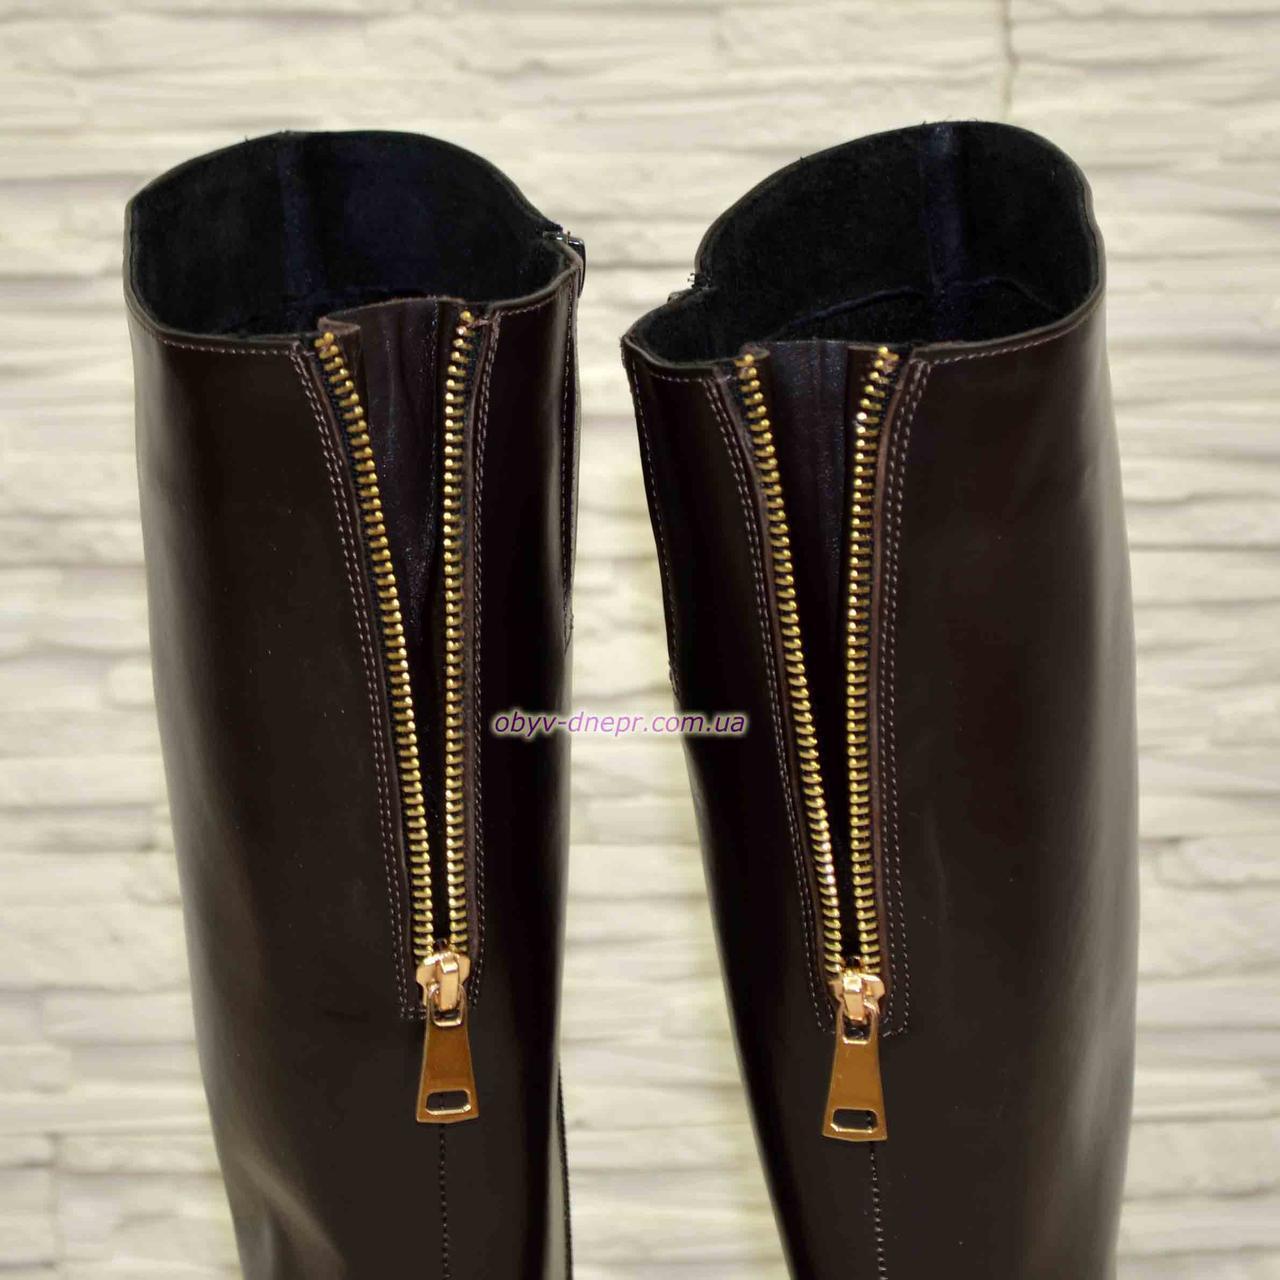 93b9d08aa ... Женские кожаные сапоги демисезонные на устойчивом каблуке, коричневый  цвет., фото 6